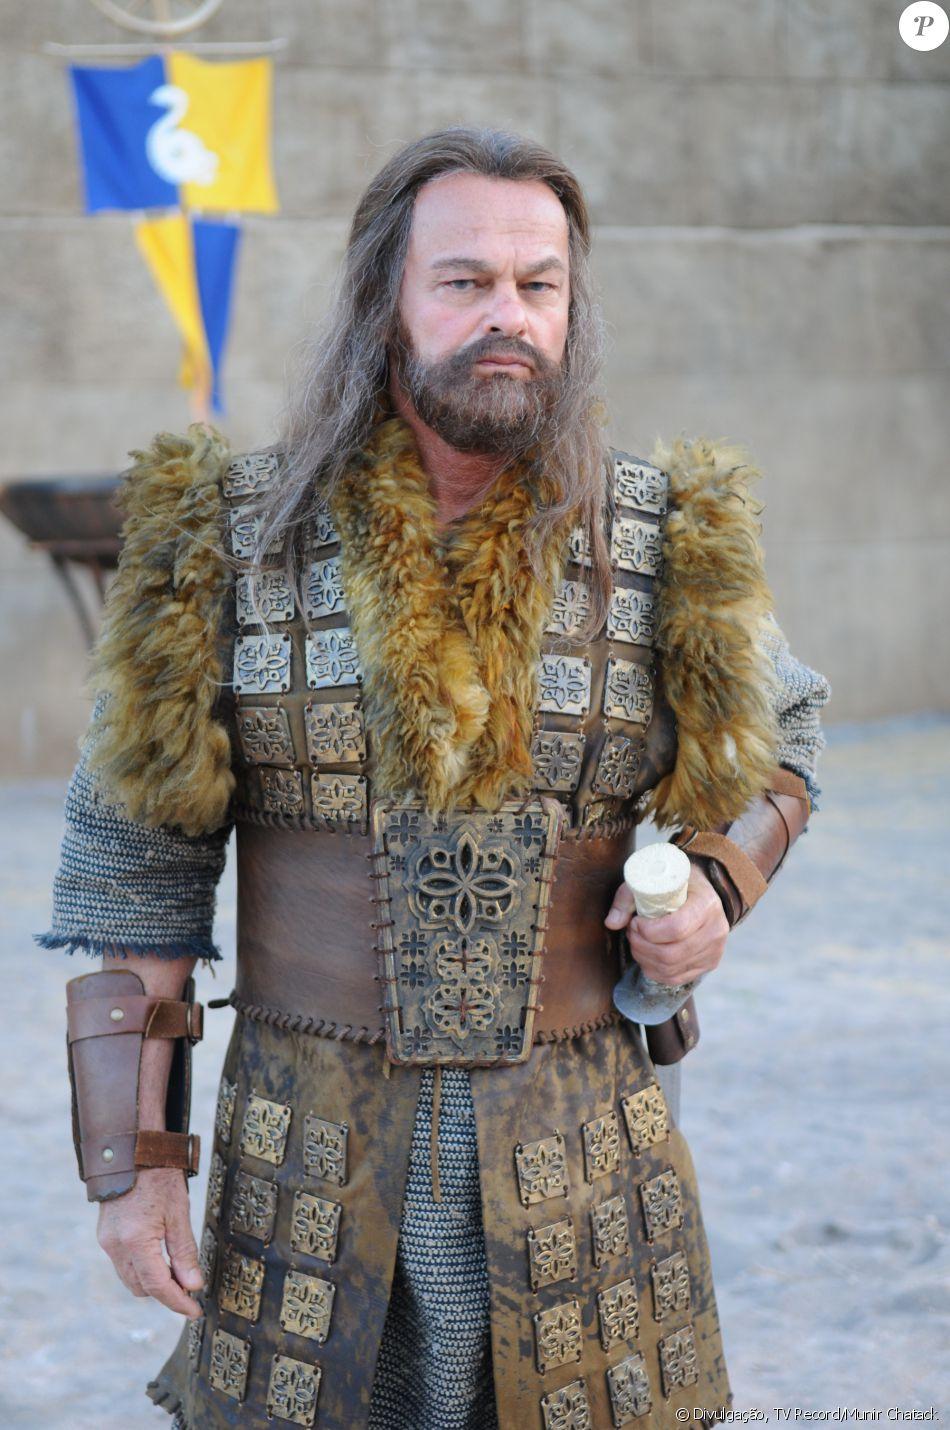 Acã (Kadu Moliterno) é um guerreiro que trai o povo hebreu para os cananeus, na novela 'A Terra Prometida'